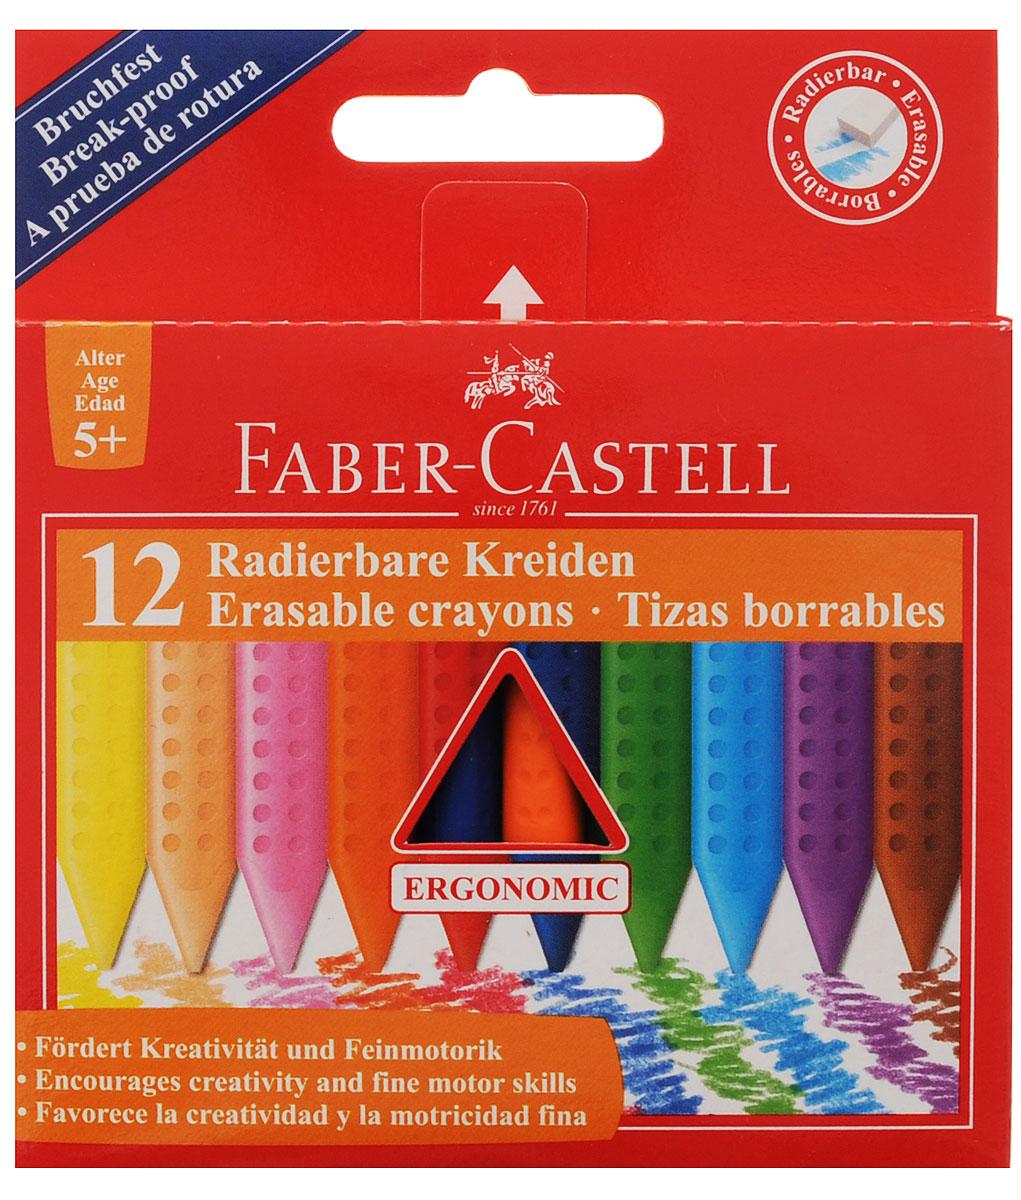 """Восковые мелки Faber-Castell """"Radierbare Kreiden"""" предназначены для рисования на картоне и бумаге. Утолщенный трехгранный корпус особенно удобен для детской руки. Мелки обеспечивают удивительно мягкое письмо, обладают отличными кроющими свойствами. Их можно затачивать и стирать как карандаш. Мелки не пачкаются, что позволит сохранить руки чистыми. В набор входят восковые мелки 12 ярких классических цветов."""